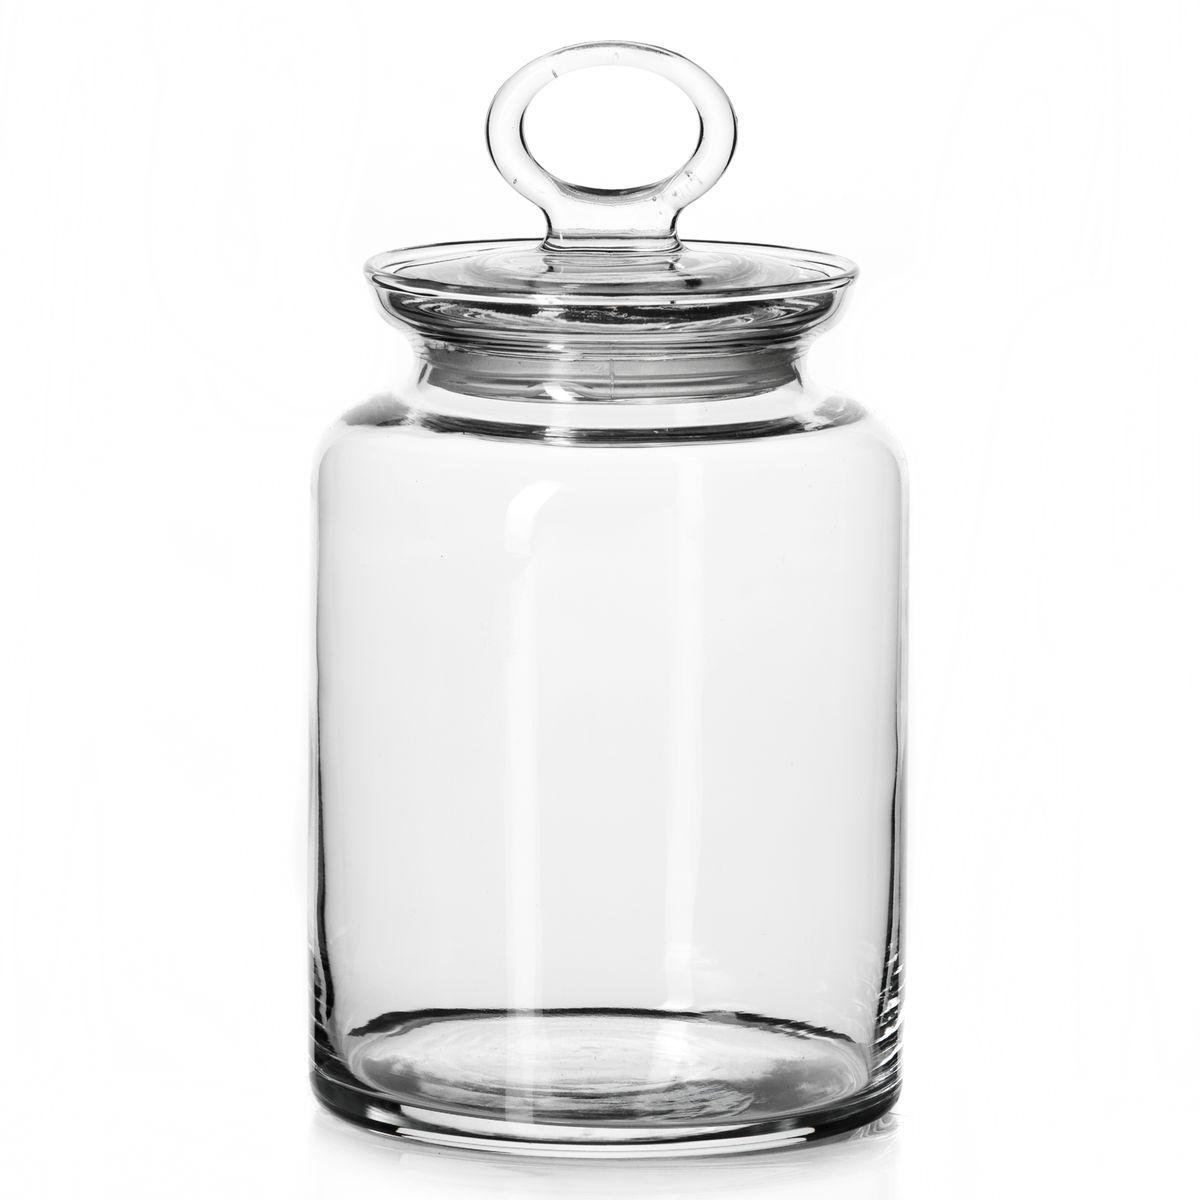 Банка для сыпучих продуктов Pasabahce Kitchen с крышкой, 1,5 лVT-1520(SR)Банка Pasabahce Kitchen выполнена из прочного натрий-кальций-силикатного стекла. Банка оснащена крышкой с ручкой-кольцом и силиконовой вставкой, обеспечивающей плотное прилегание крышки. В такой банке удобно хранить, крупы, макароны, печенье и многое другое. Функциональная и практичная, такая банка станет незаменимым аксессуаром на вашей кухне.Объем банки: 1,5 л.Диаметр банки по верхнему краю: 9,5 см.Высота банки (без учета крышки): 17,5 см.Диаметр основания: 11,5 см.